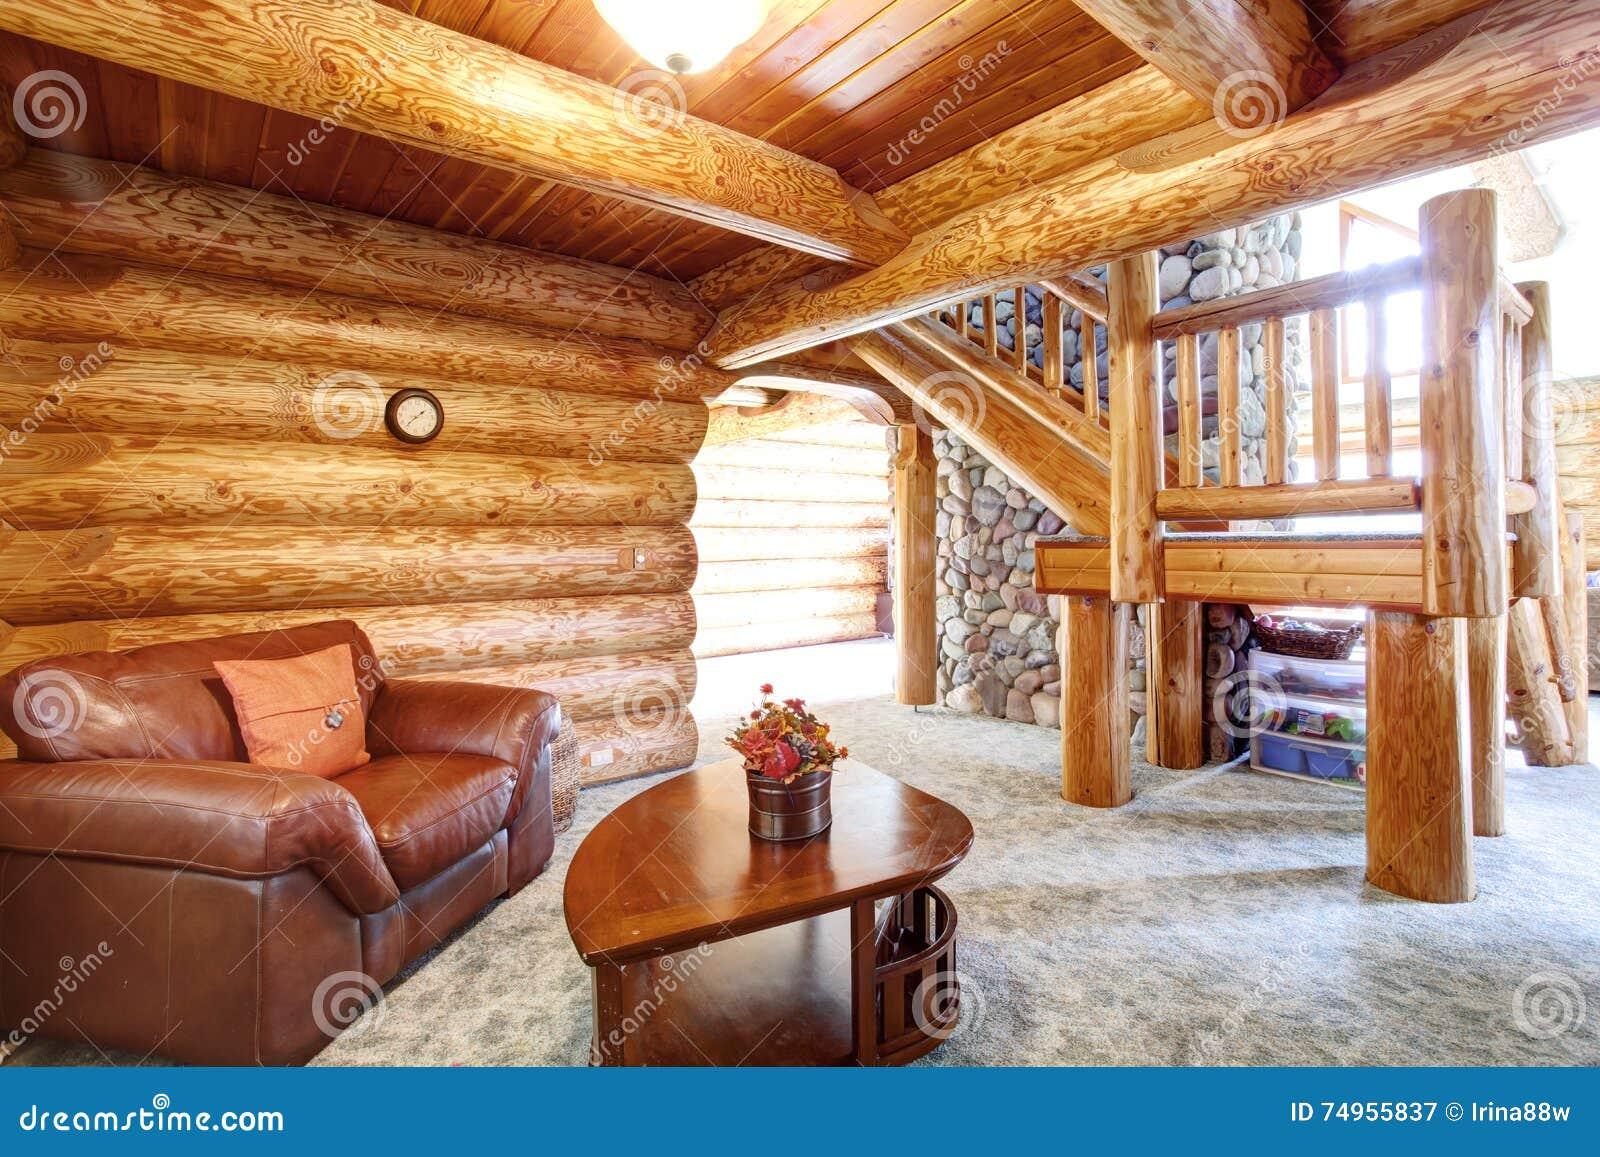 Grande Interior Da Casa Da Cabana R Stica De Madeira Sala De Estar